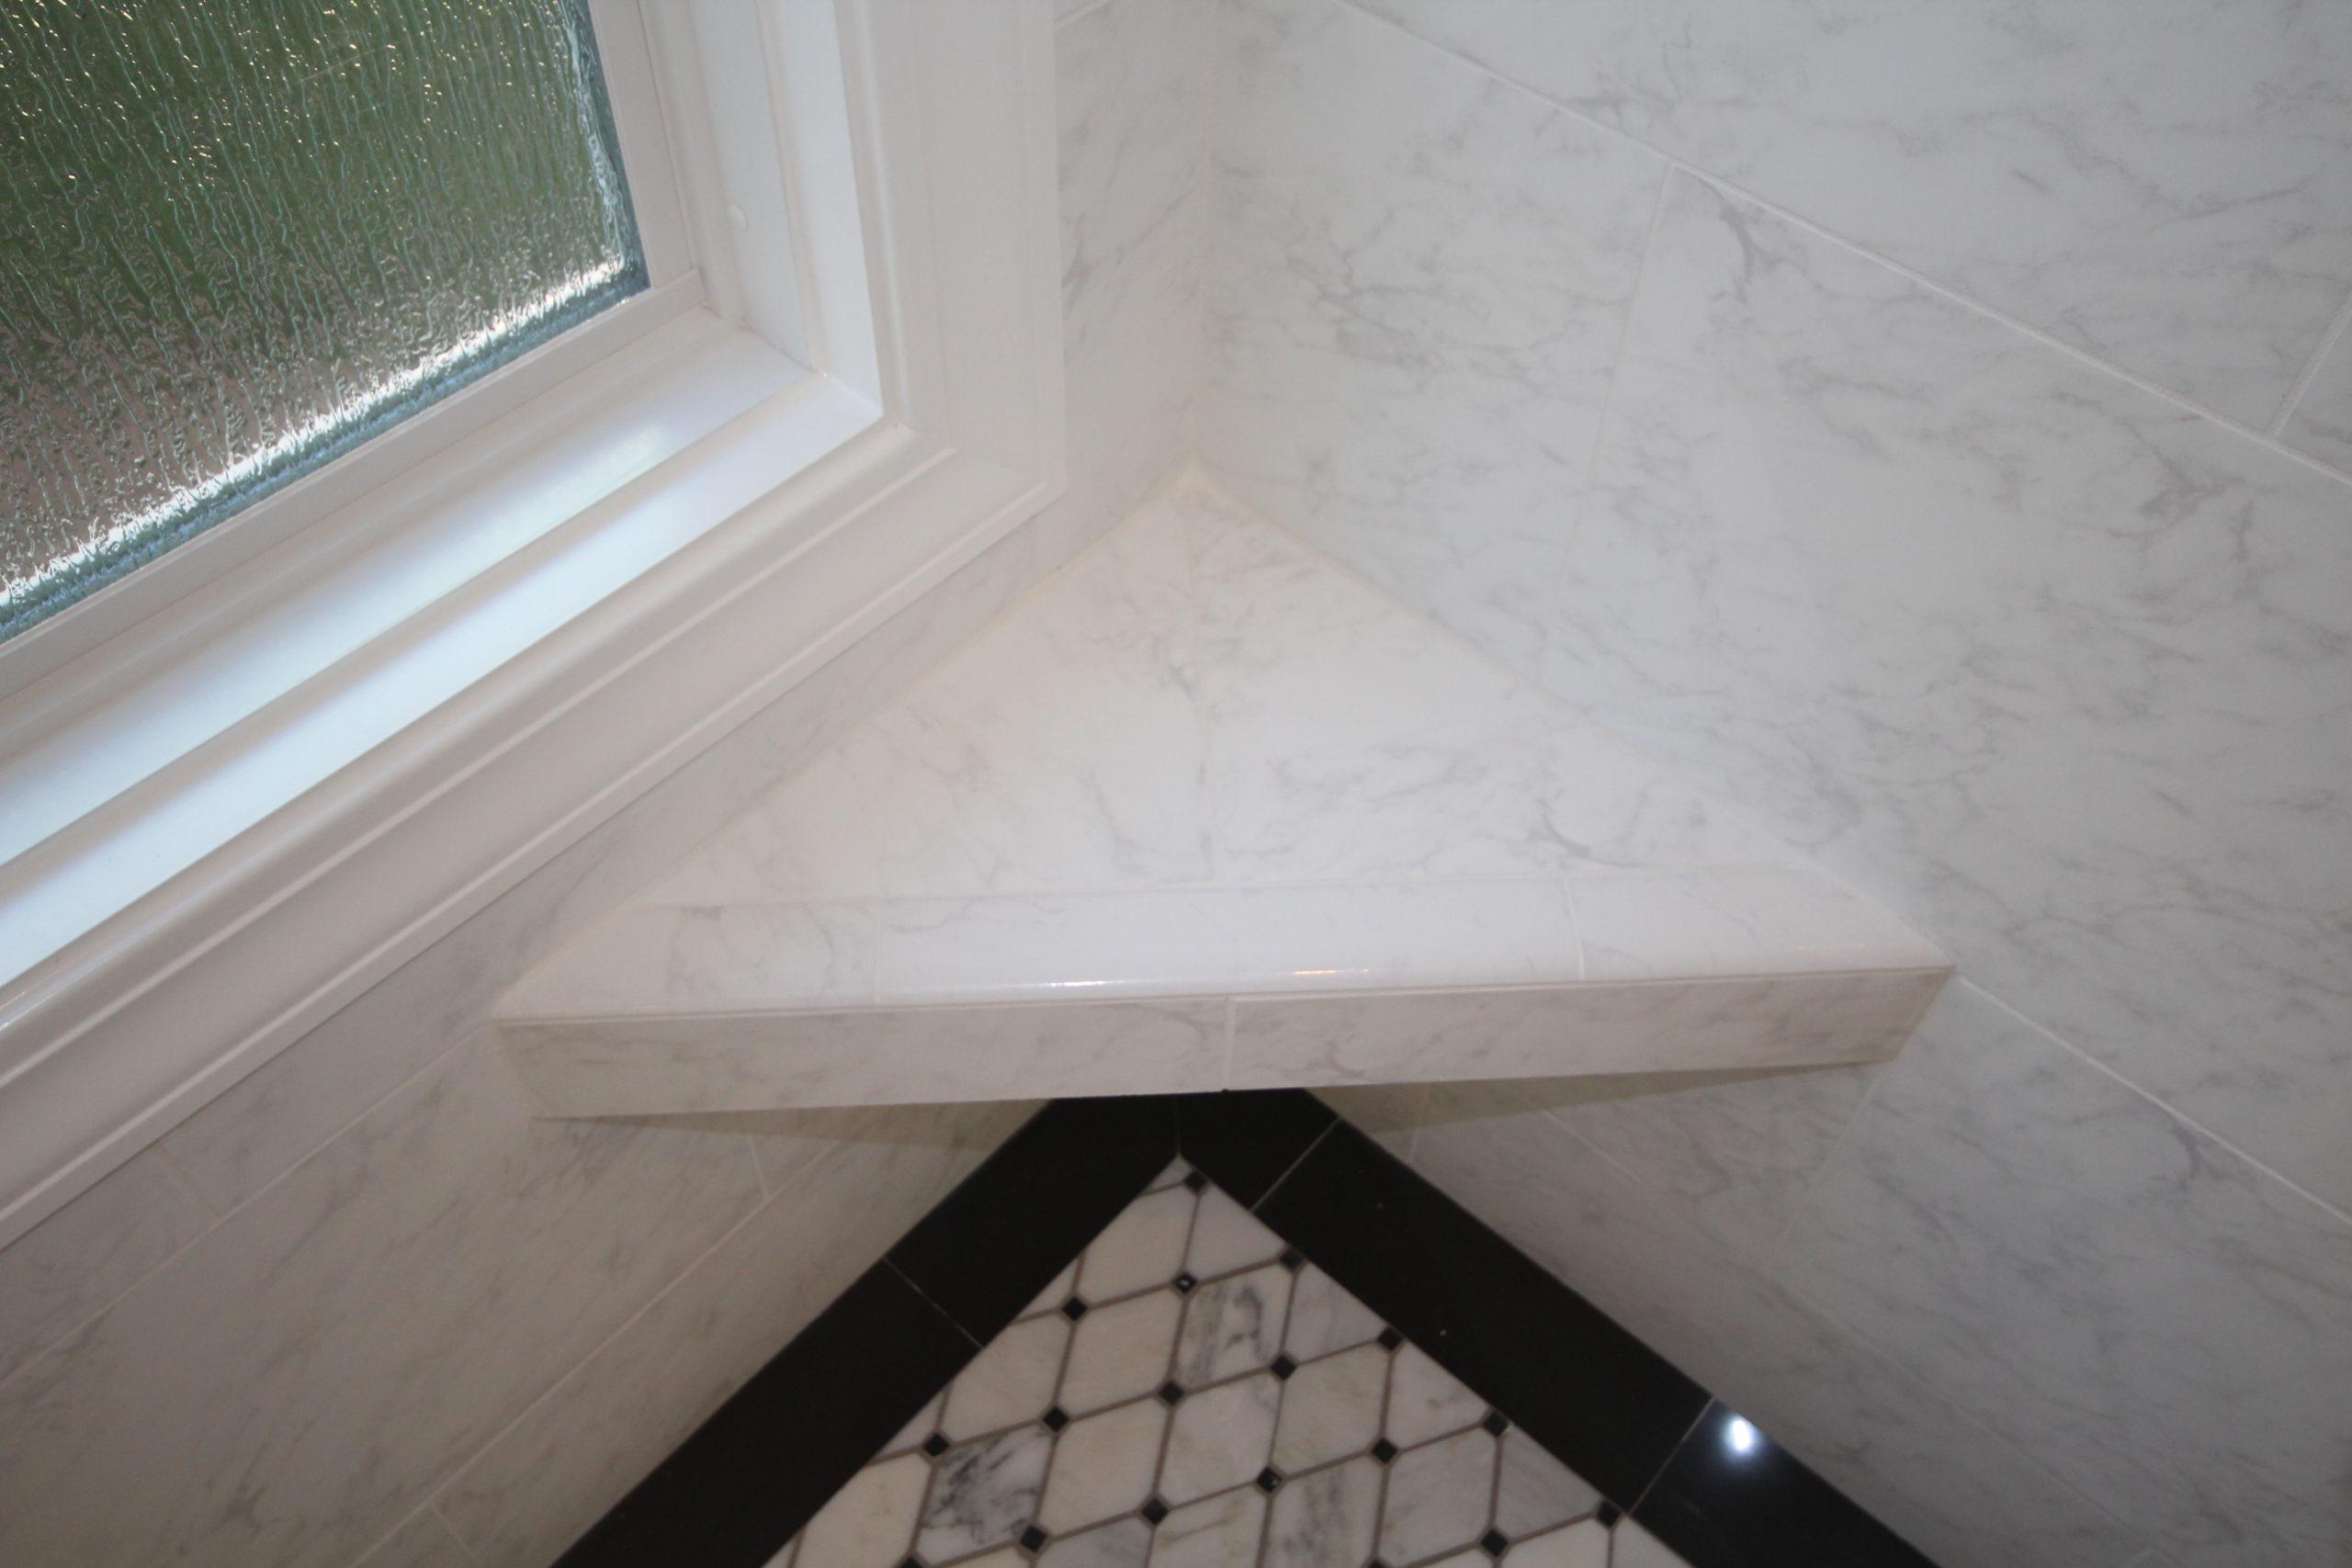 bathroom-remodeling-work-TAG-Builders-209-GV-Bathroom-Remodel-6-scaled